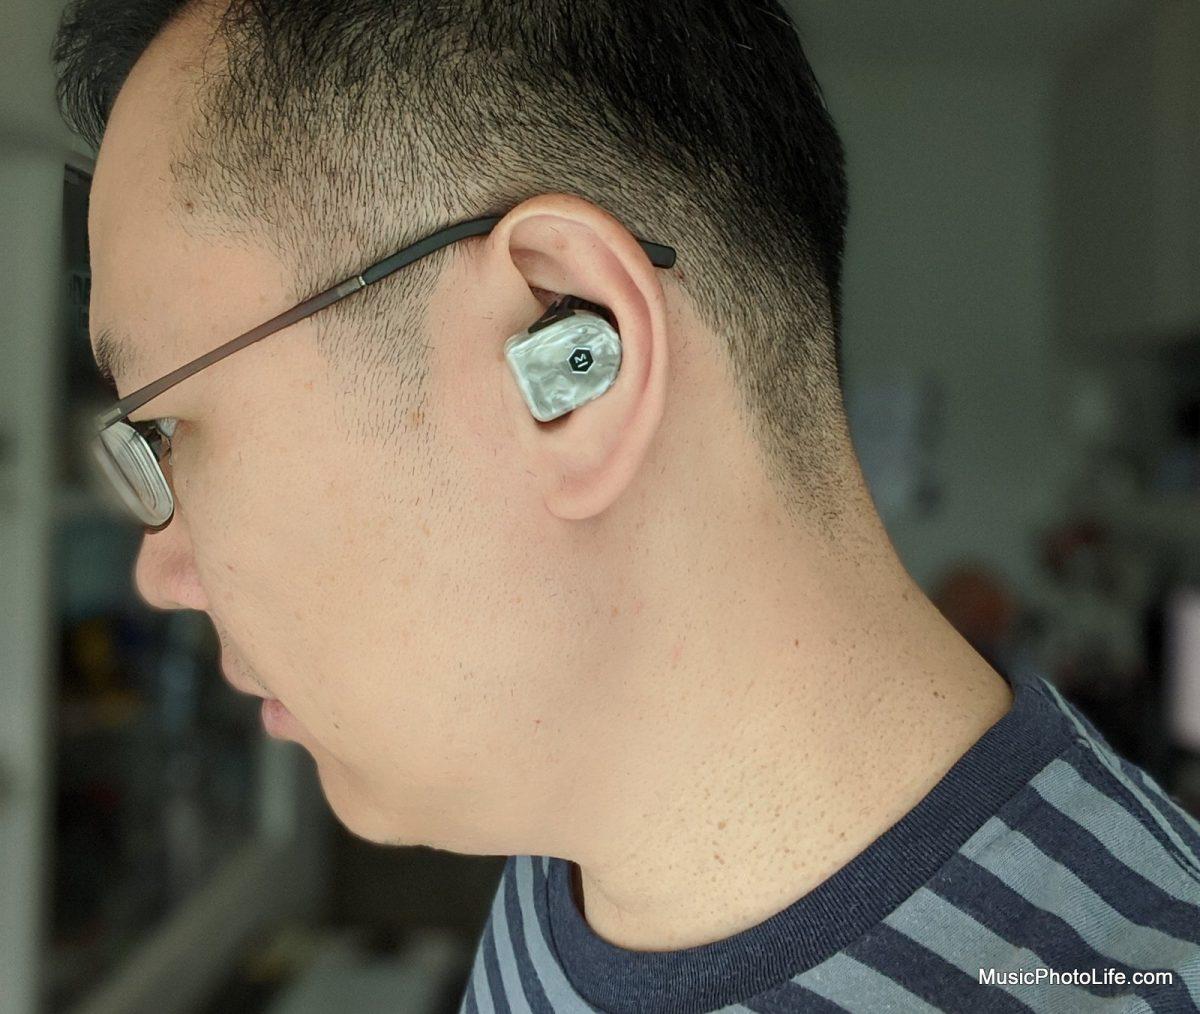 Master & Dynamic MW07 PLUS wearing on ears